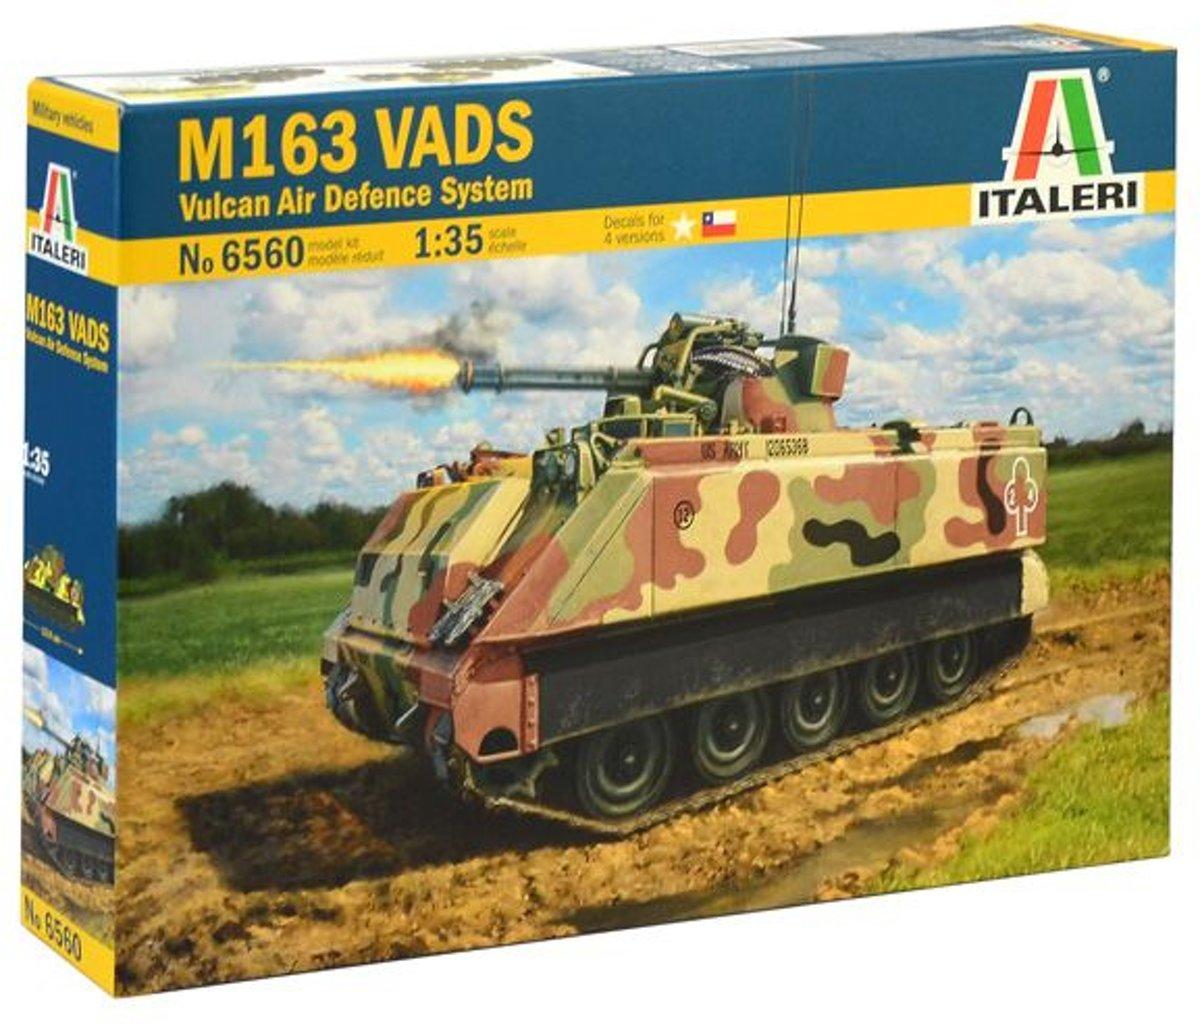 Italeri - M163 Vads 1:35 * (Ita6560s)